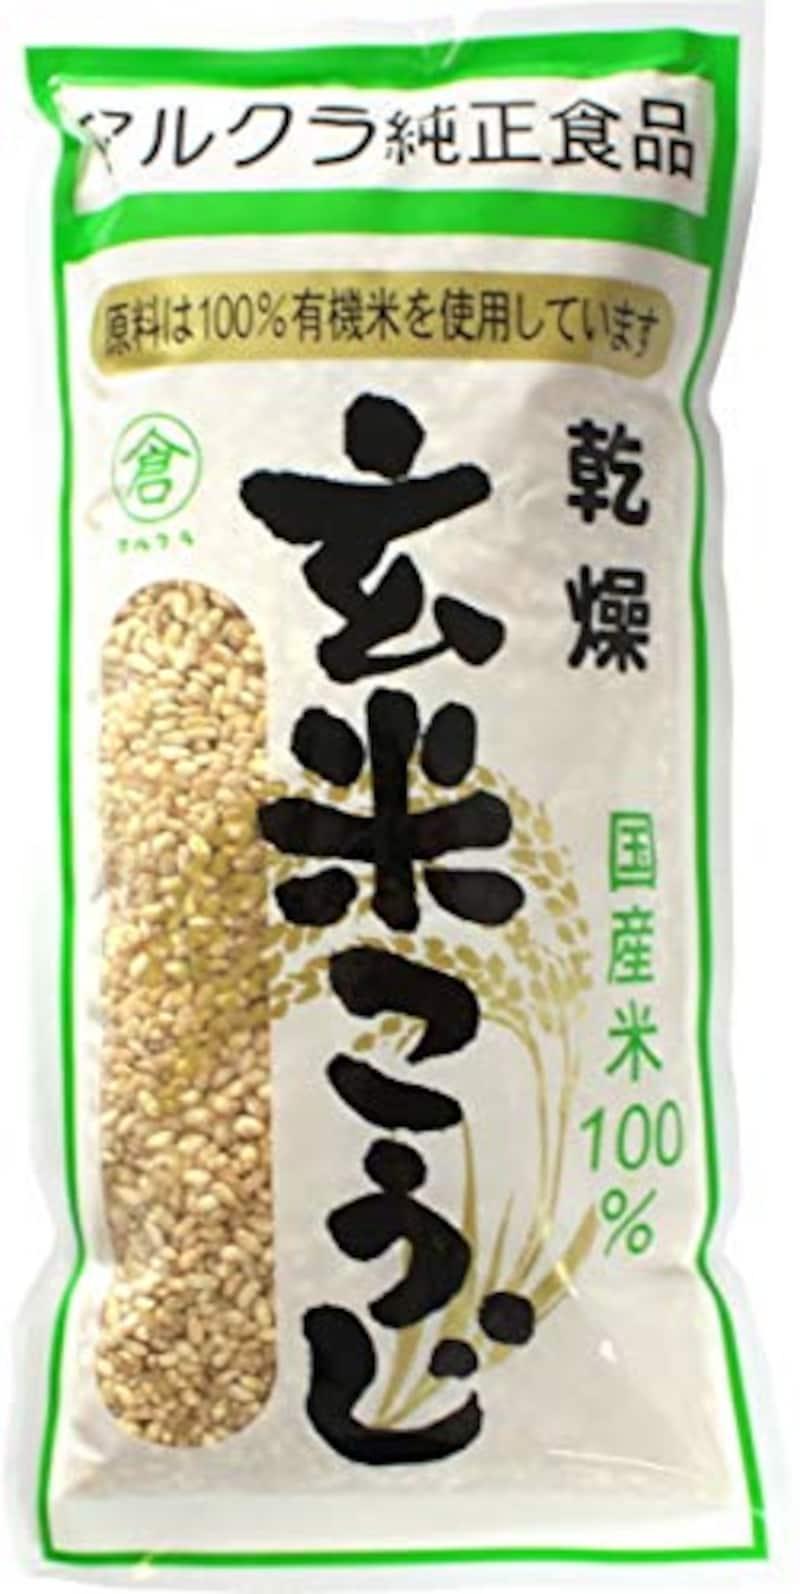 マルクラ,乾燥玄米こうじ 500g